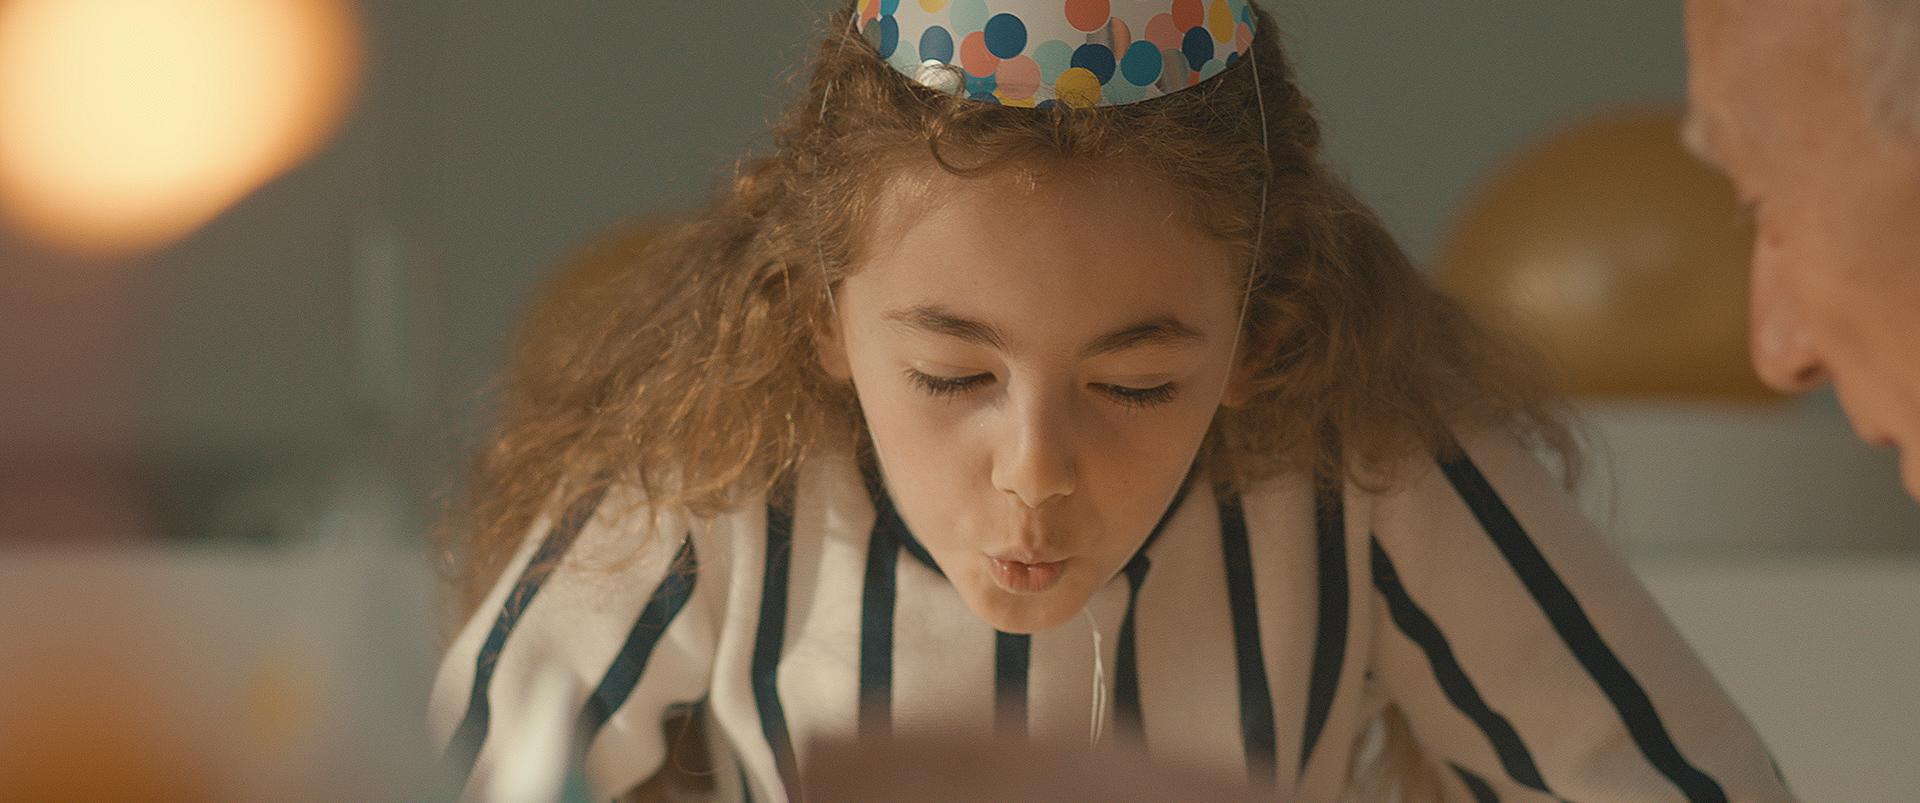 Meisje op een verjaardagsfeest film